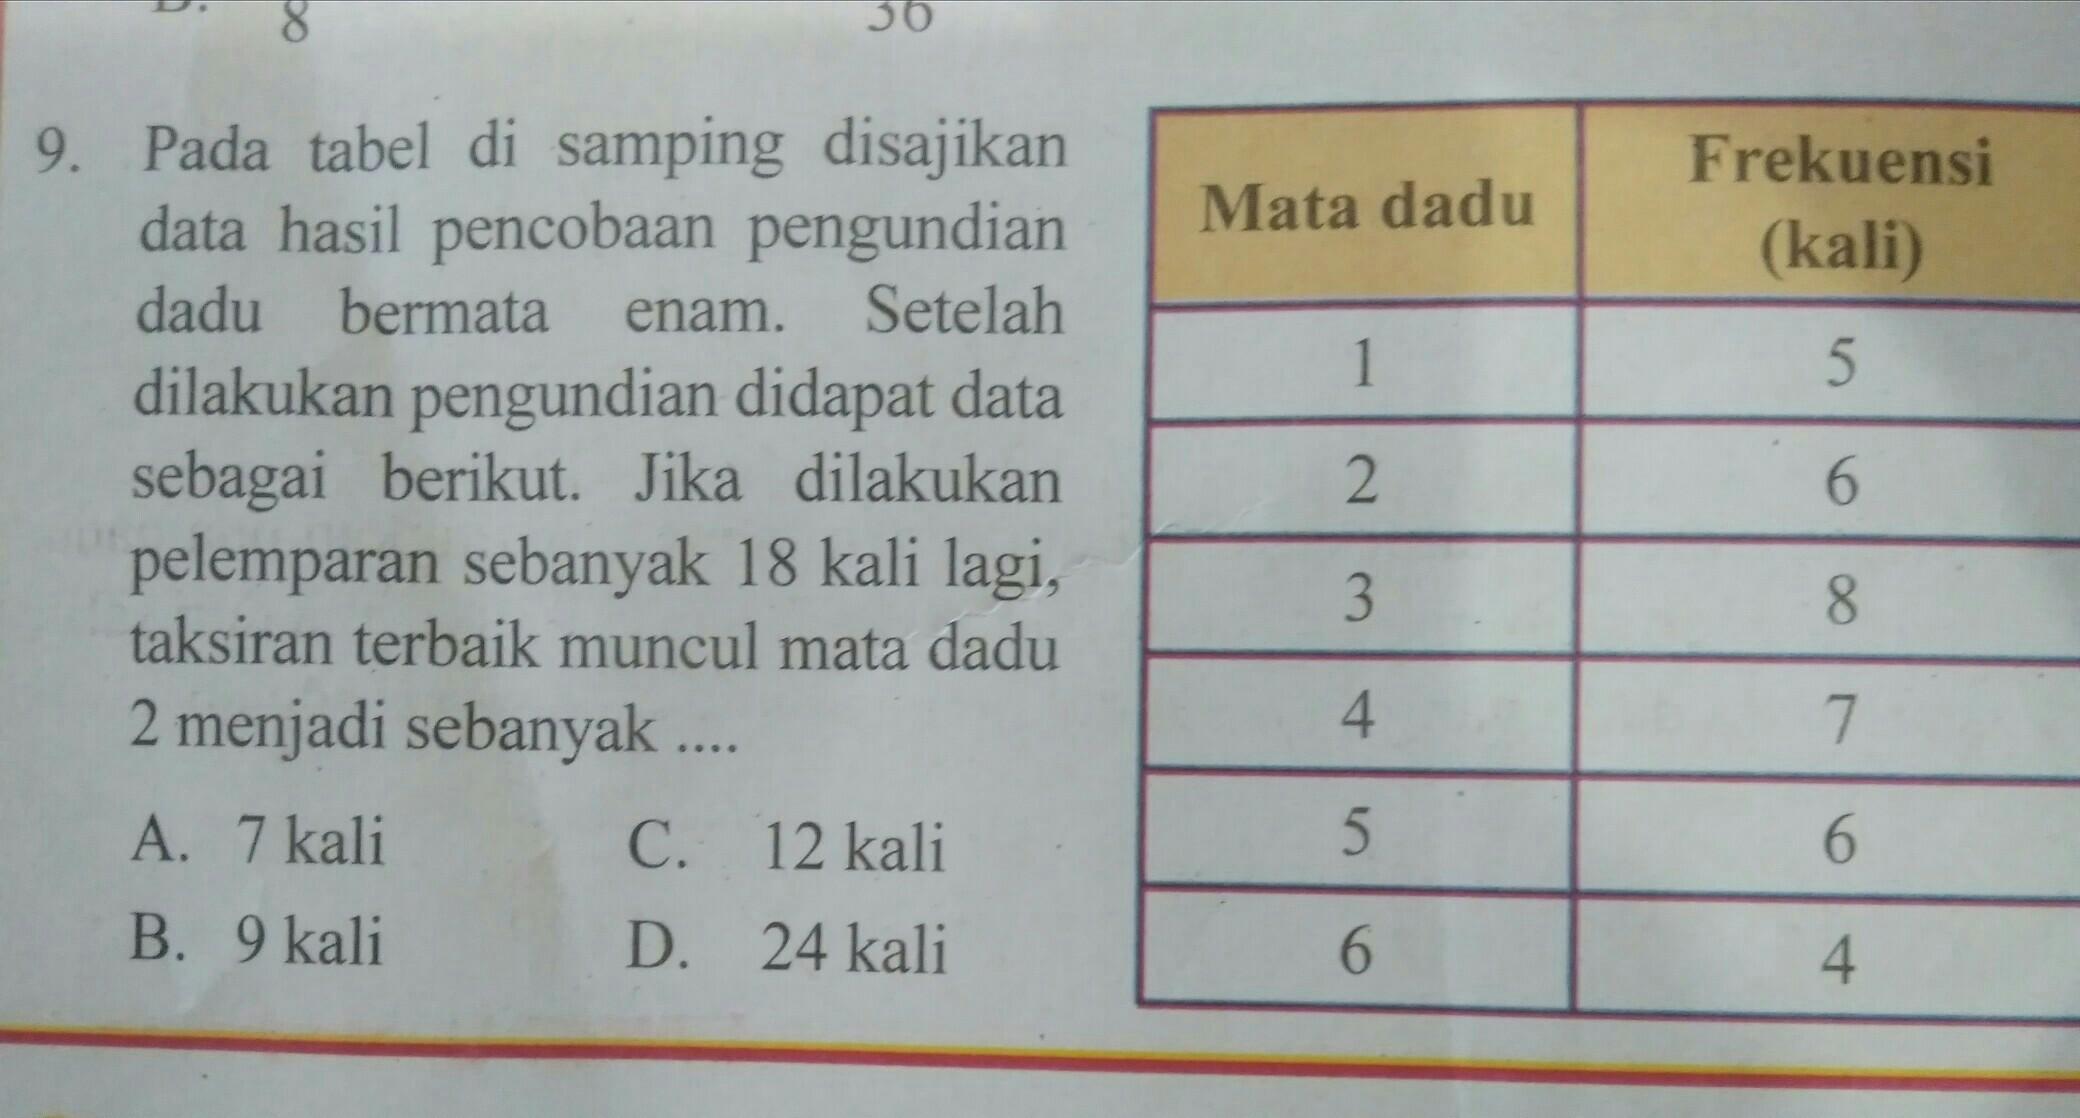 Pada Tabel Disamping Disajikan Data Hasil Percobaan Pengujian Dadu